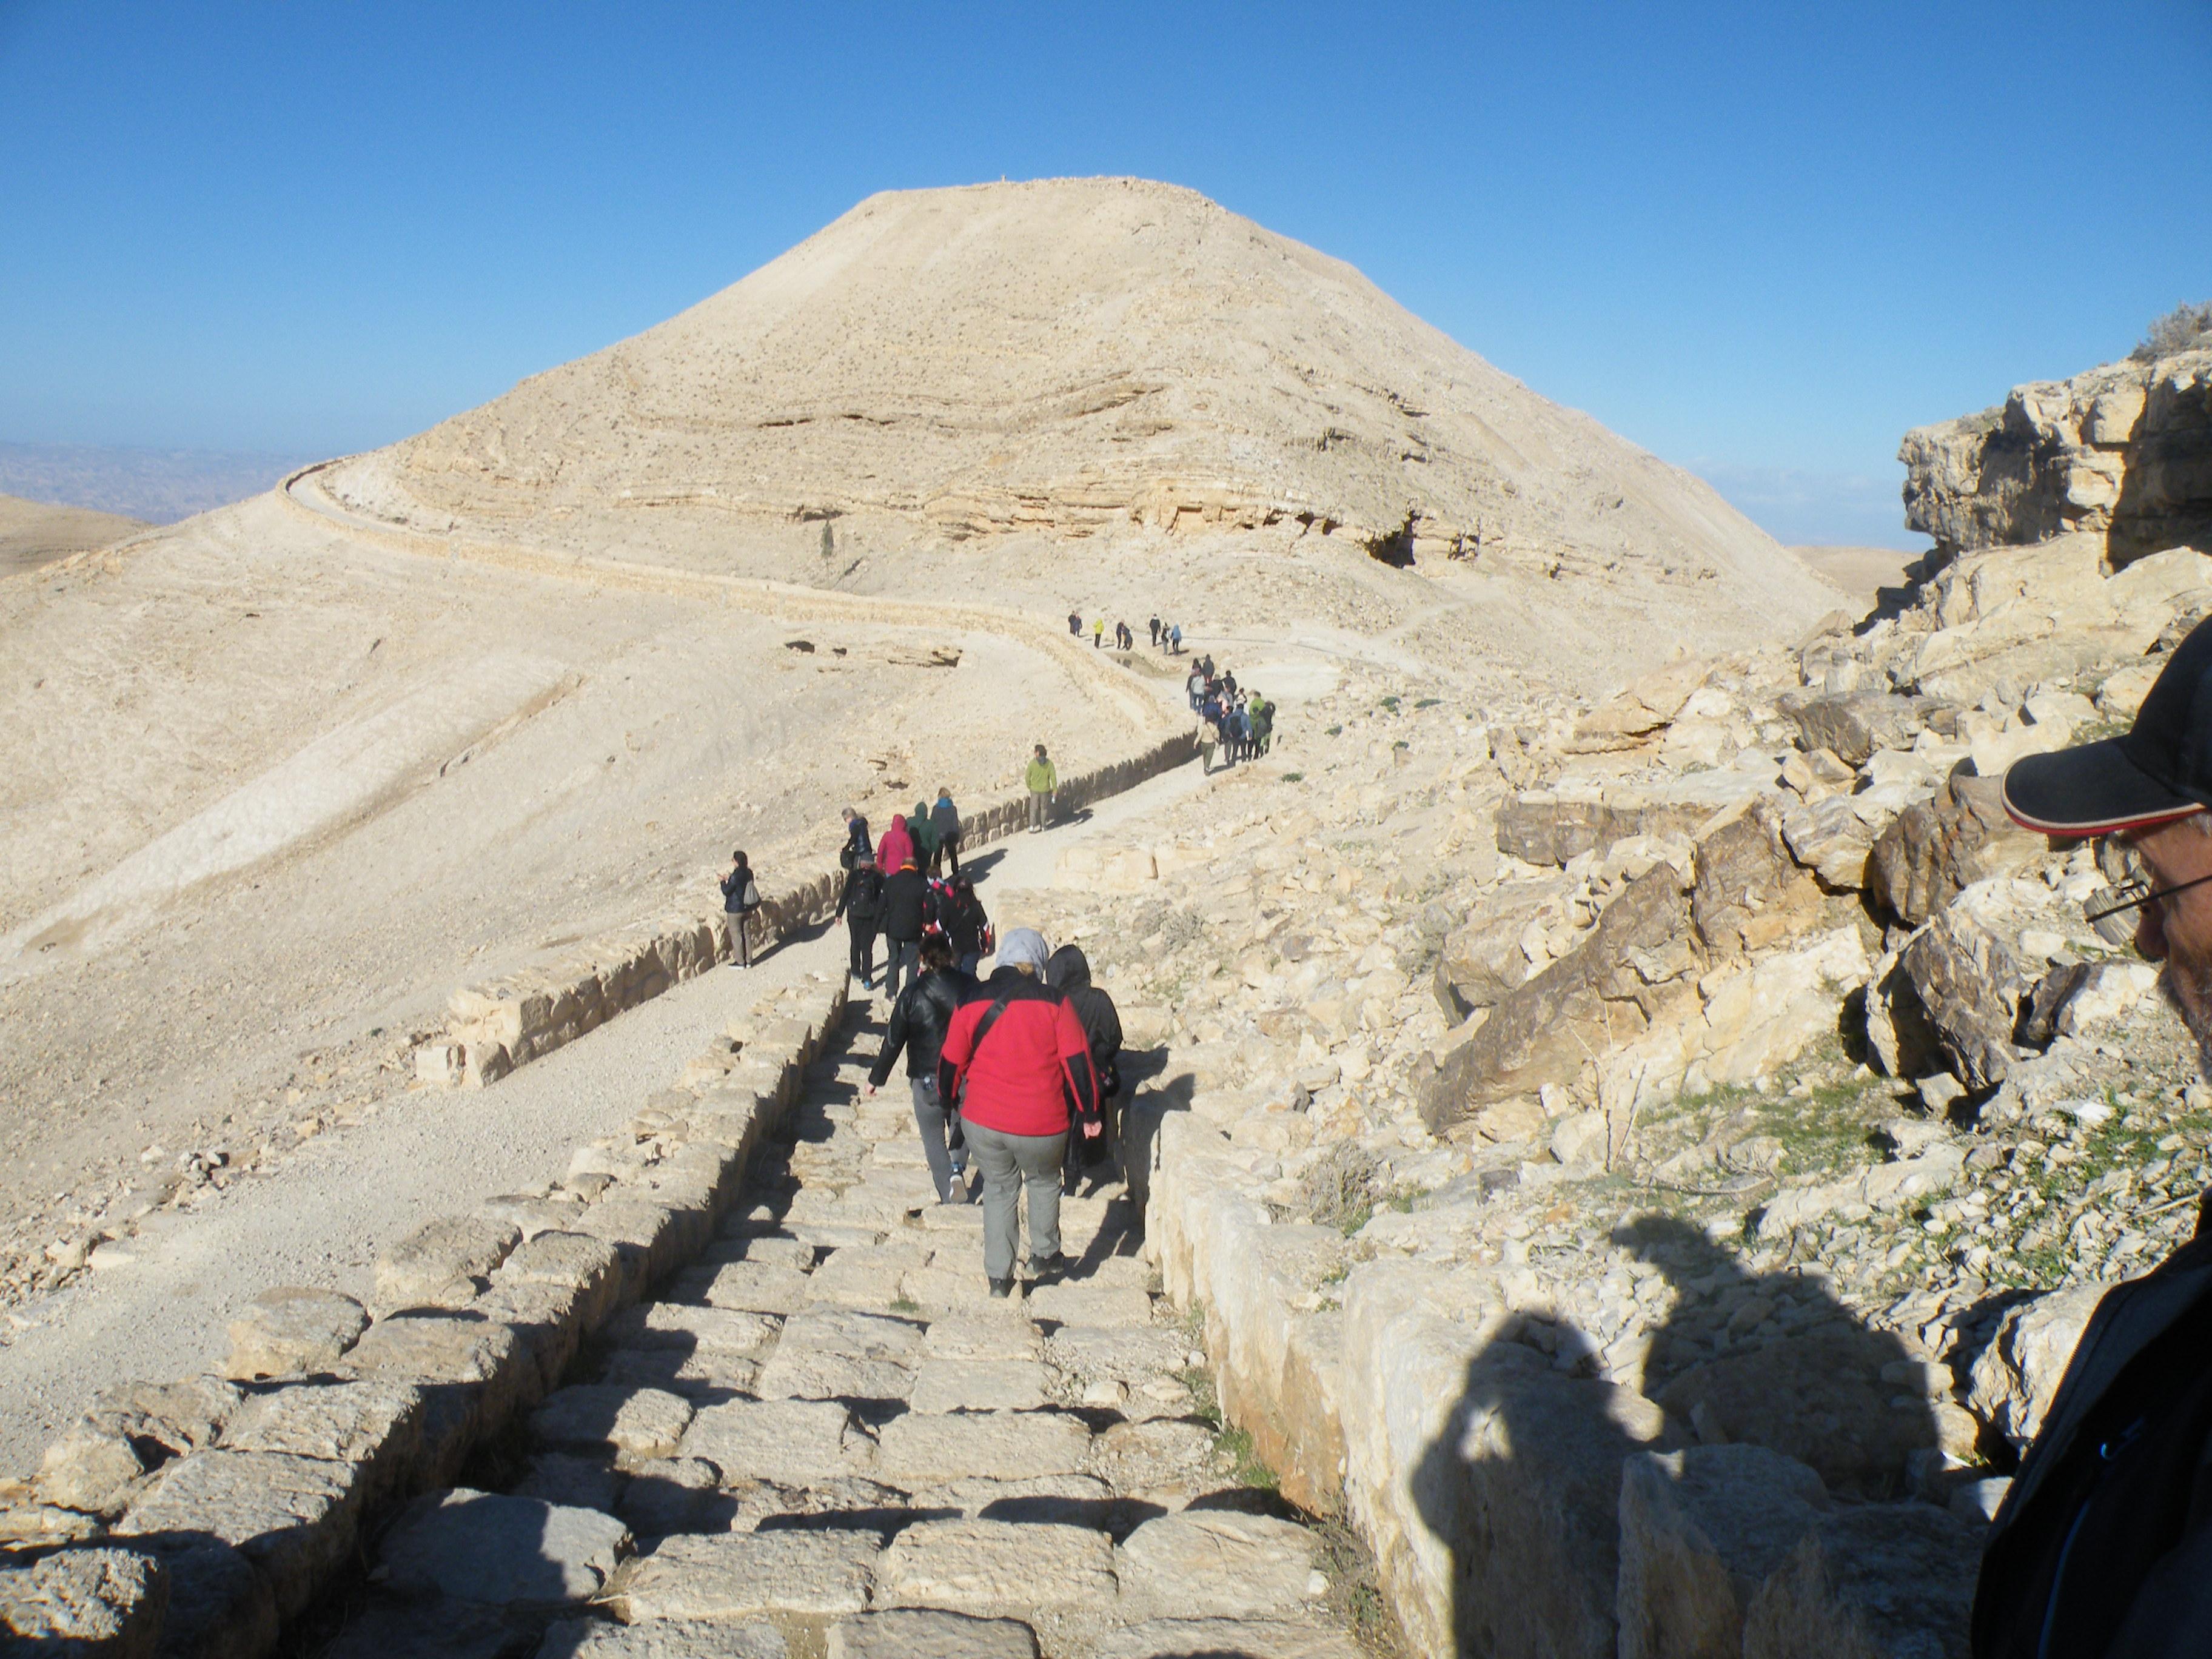 14 - Vzpon na »goro« z utrdbo Mkaver